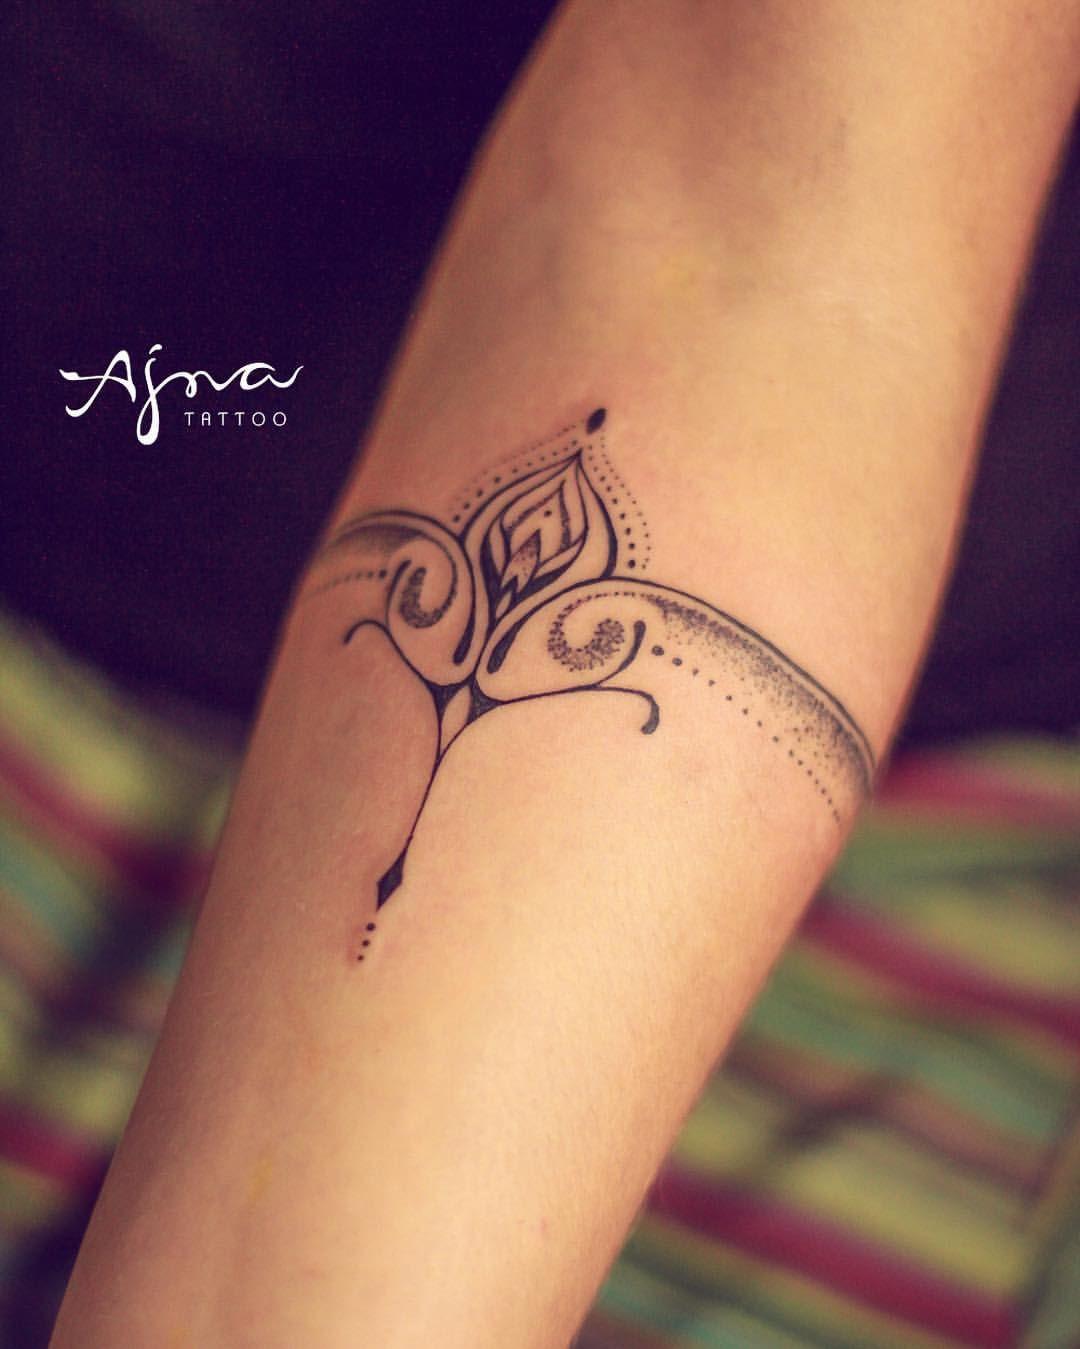 559 gostos 31 coment rios paula sgarbi tattoo for Table no 21 tattoo